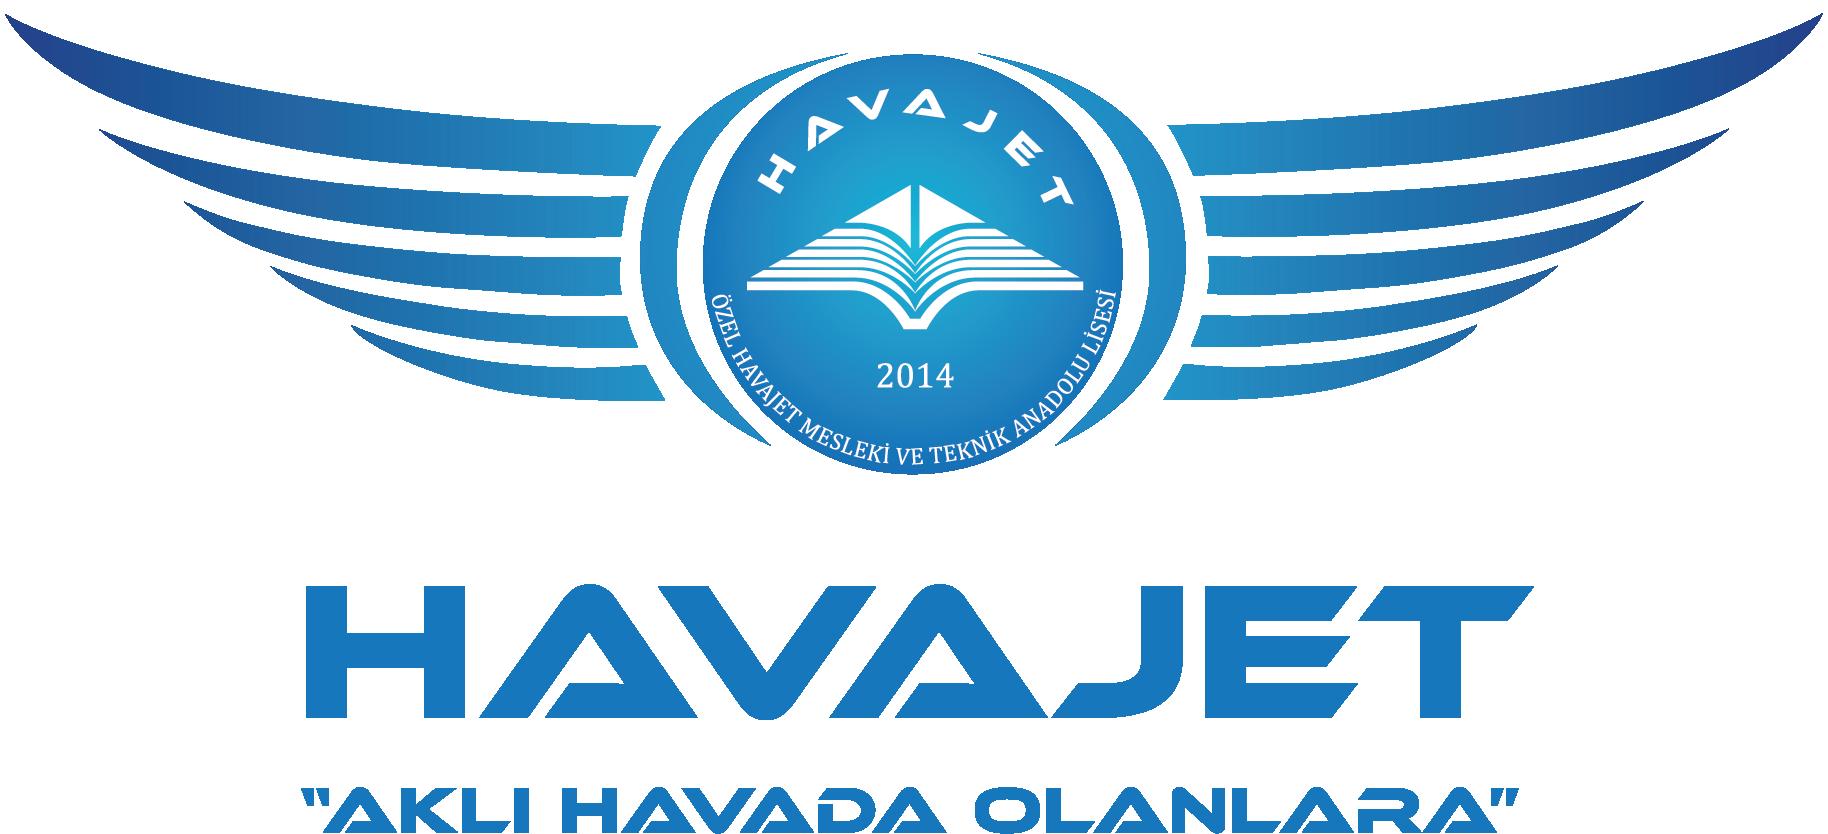 Havajet Havacılık Lisesi Logo